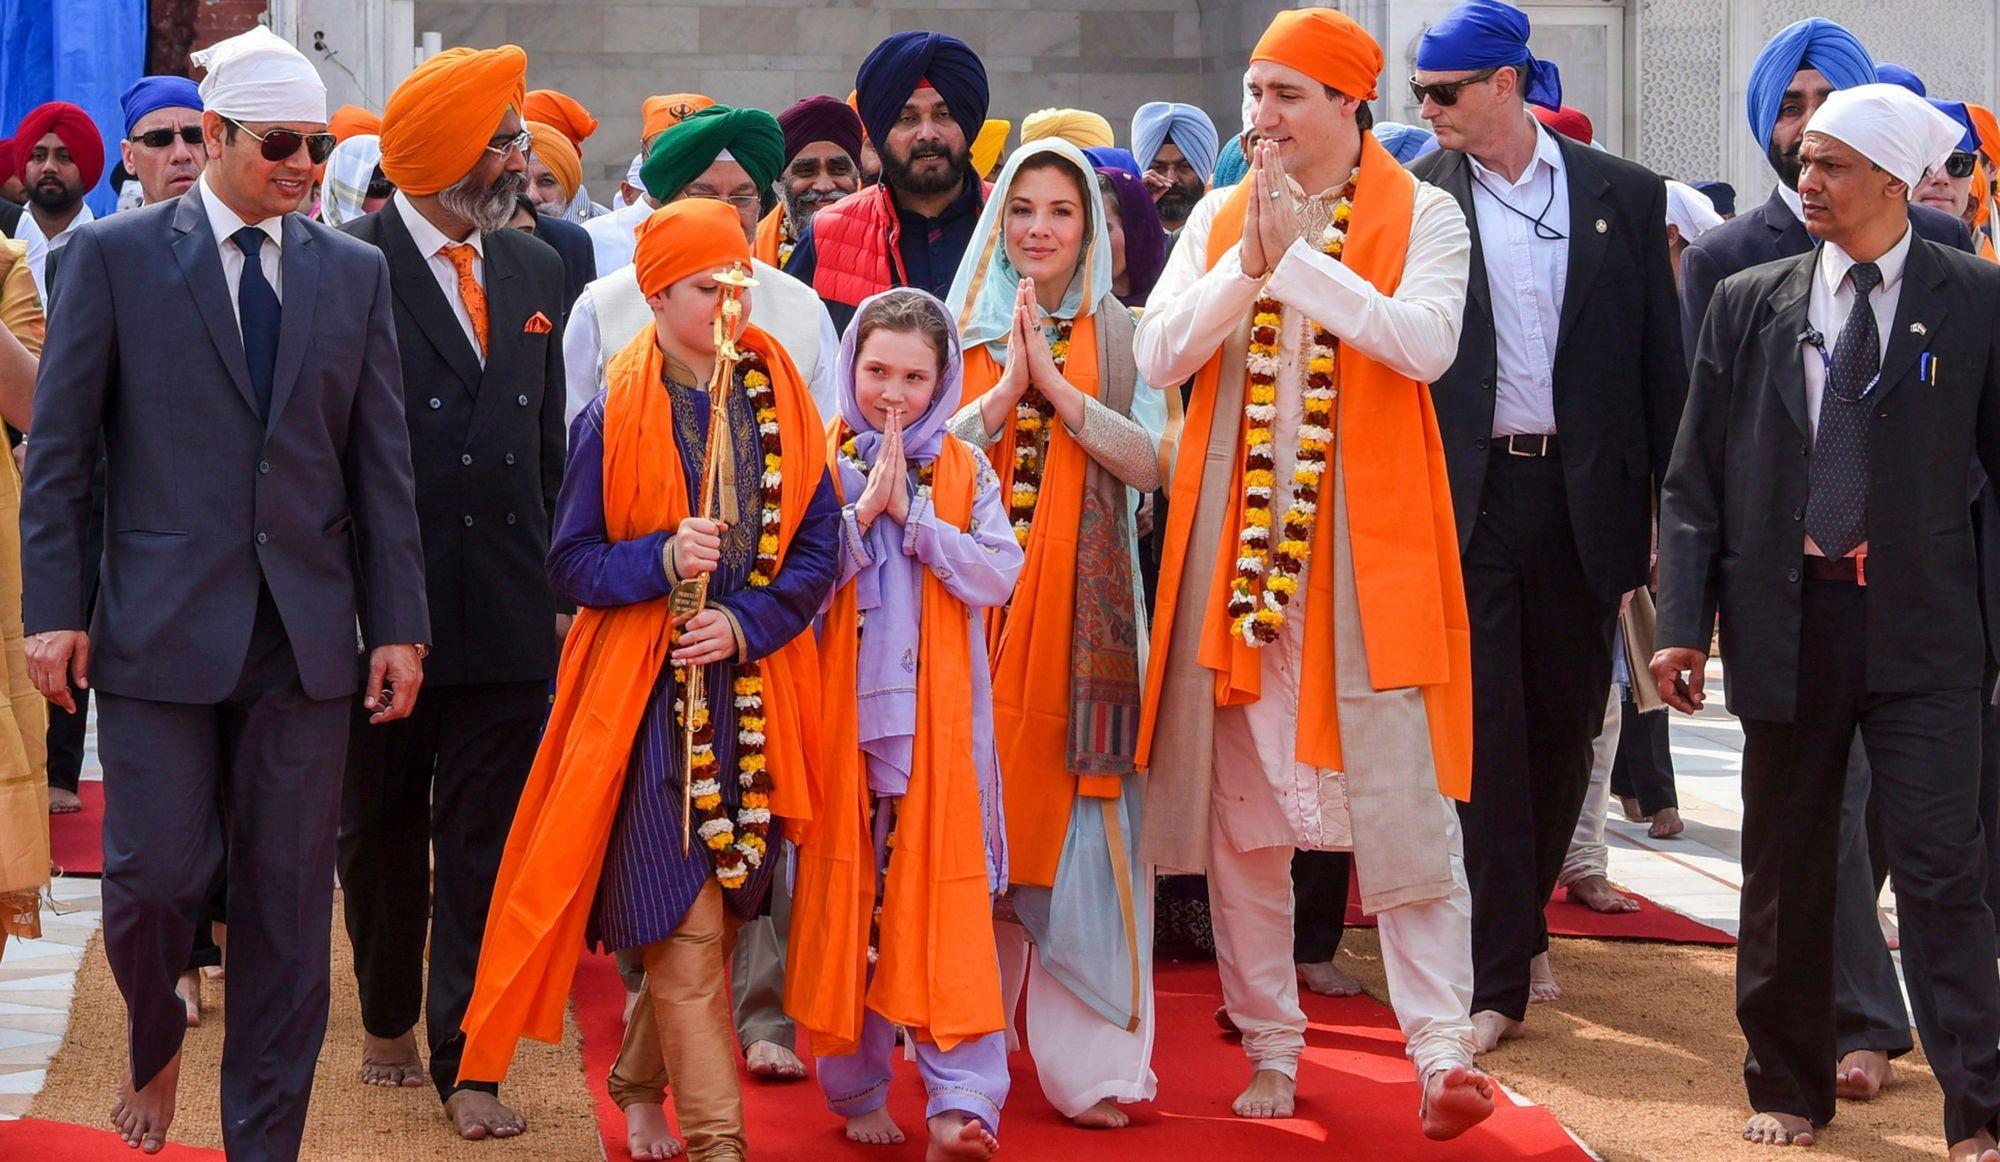 Voyage en Inde: Sophie Grégoire Trudeau réfute les allégations de vacances